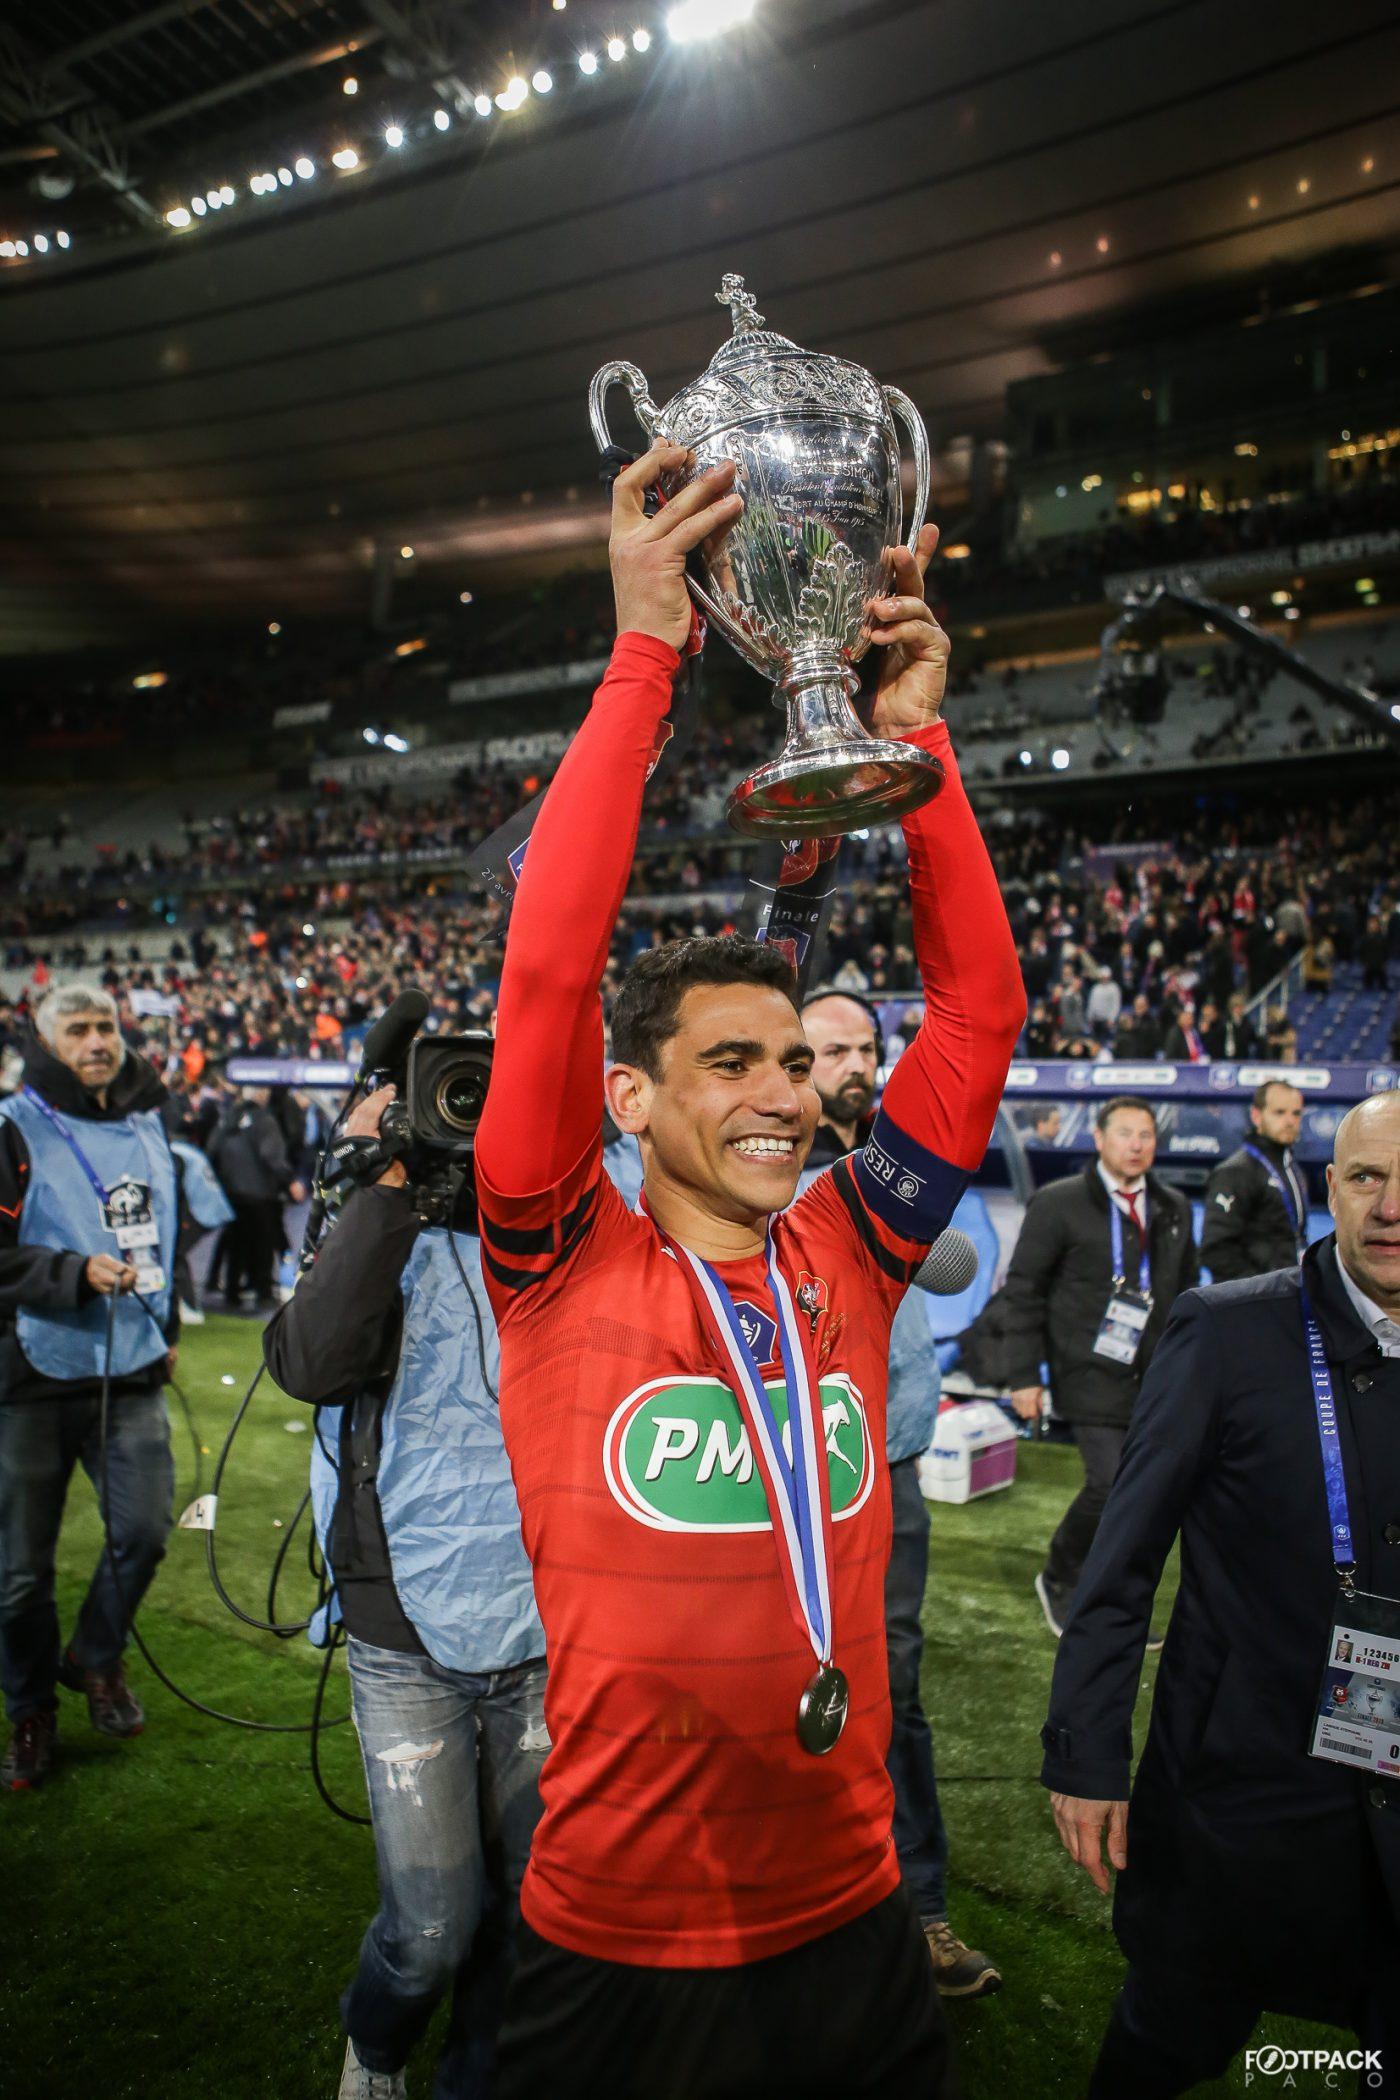 finale-coupe-de-france-2019-rennes-paris-saint-germain-87